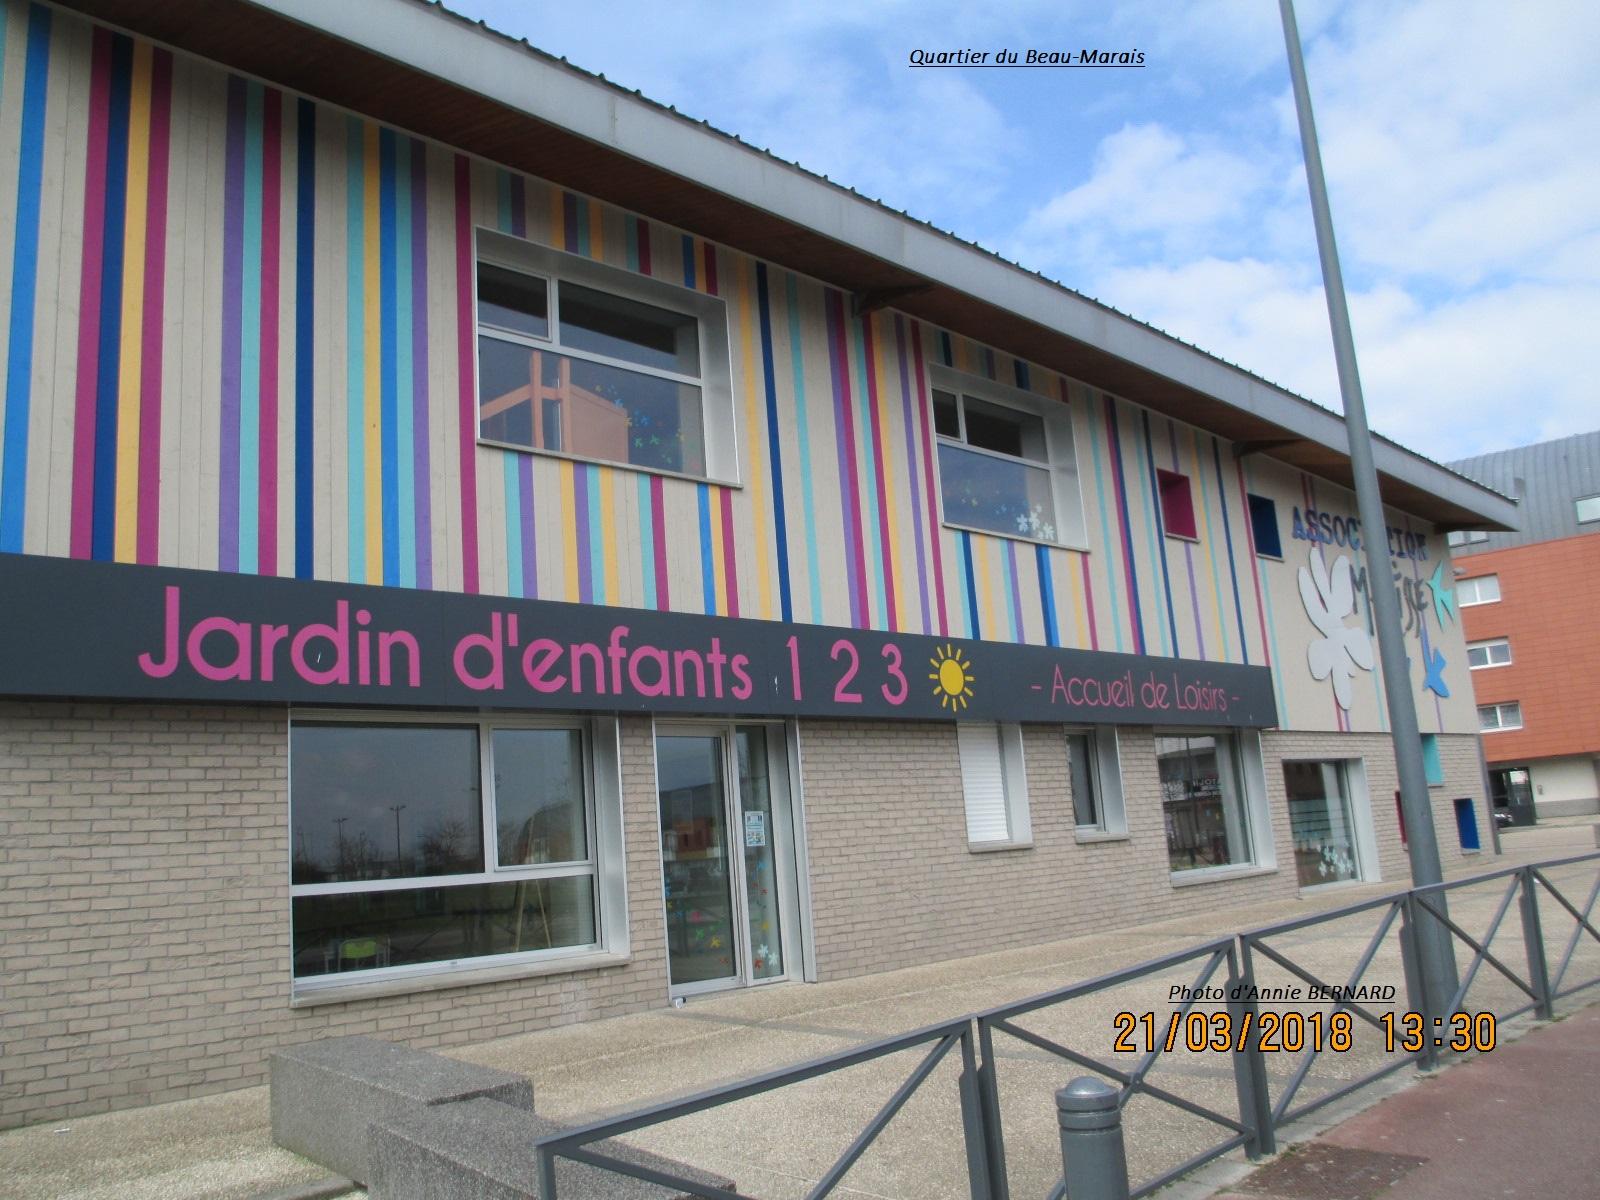 Quartier du Beau-Marais et son jardin d'enfants